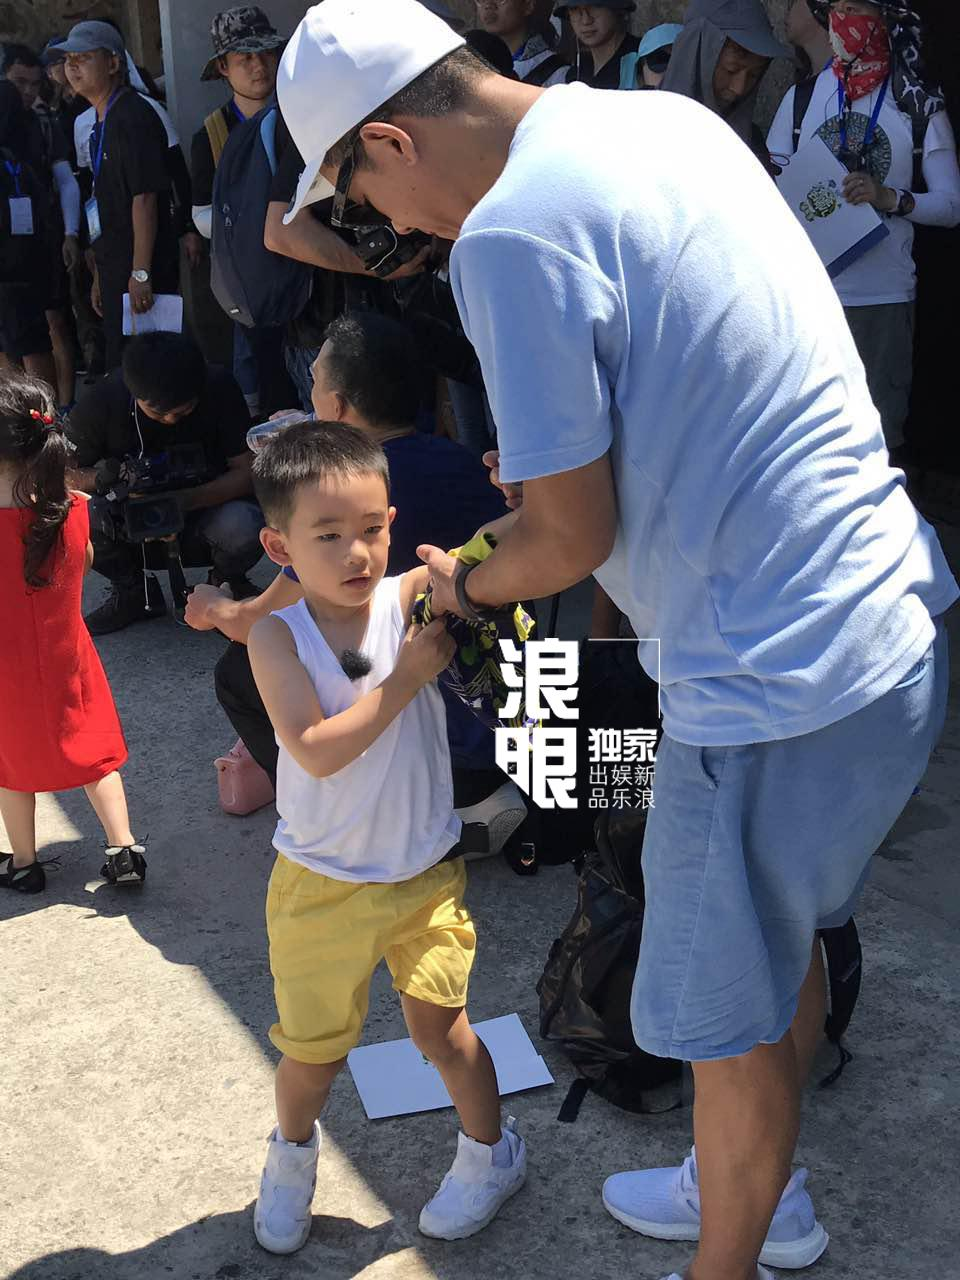 'Vi Tiểu Bảo' Trần Tiểu Xuân lần đầu xuất hiện cùng con trai hot nhất weibo hôm nay-2